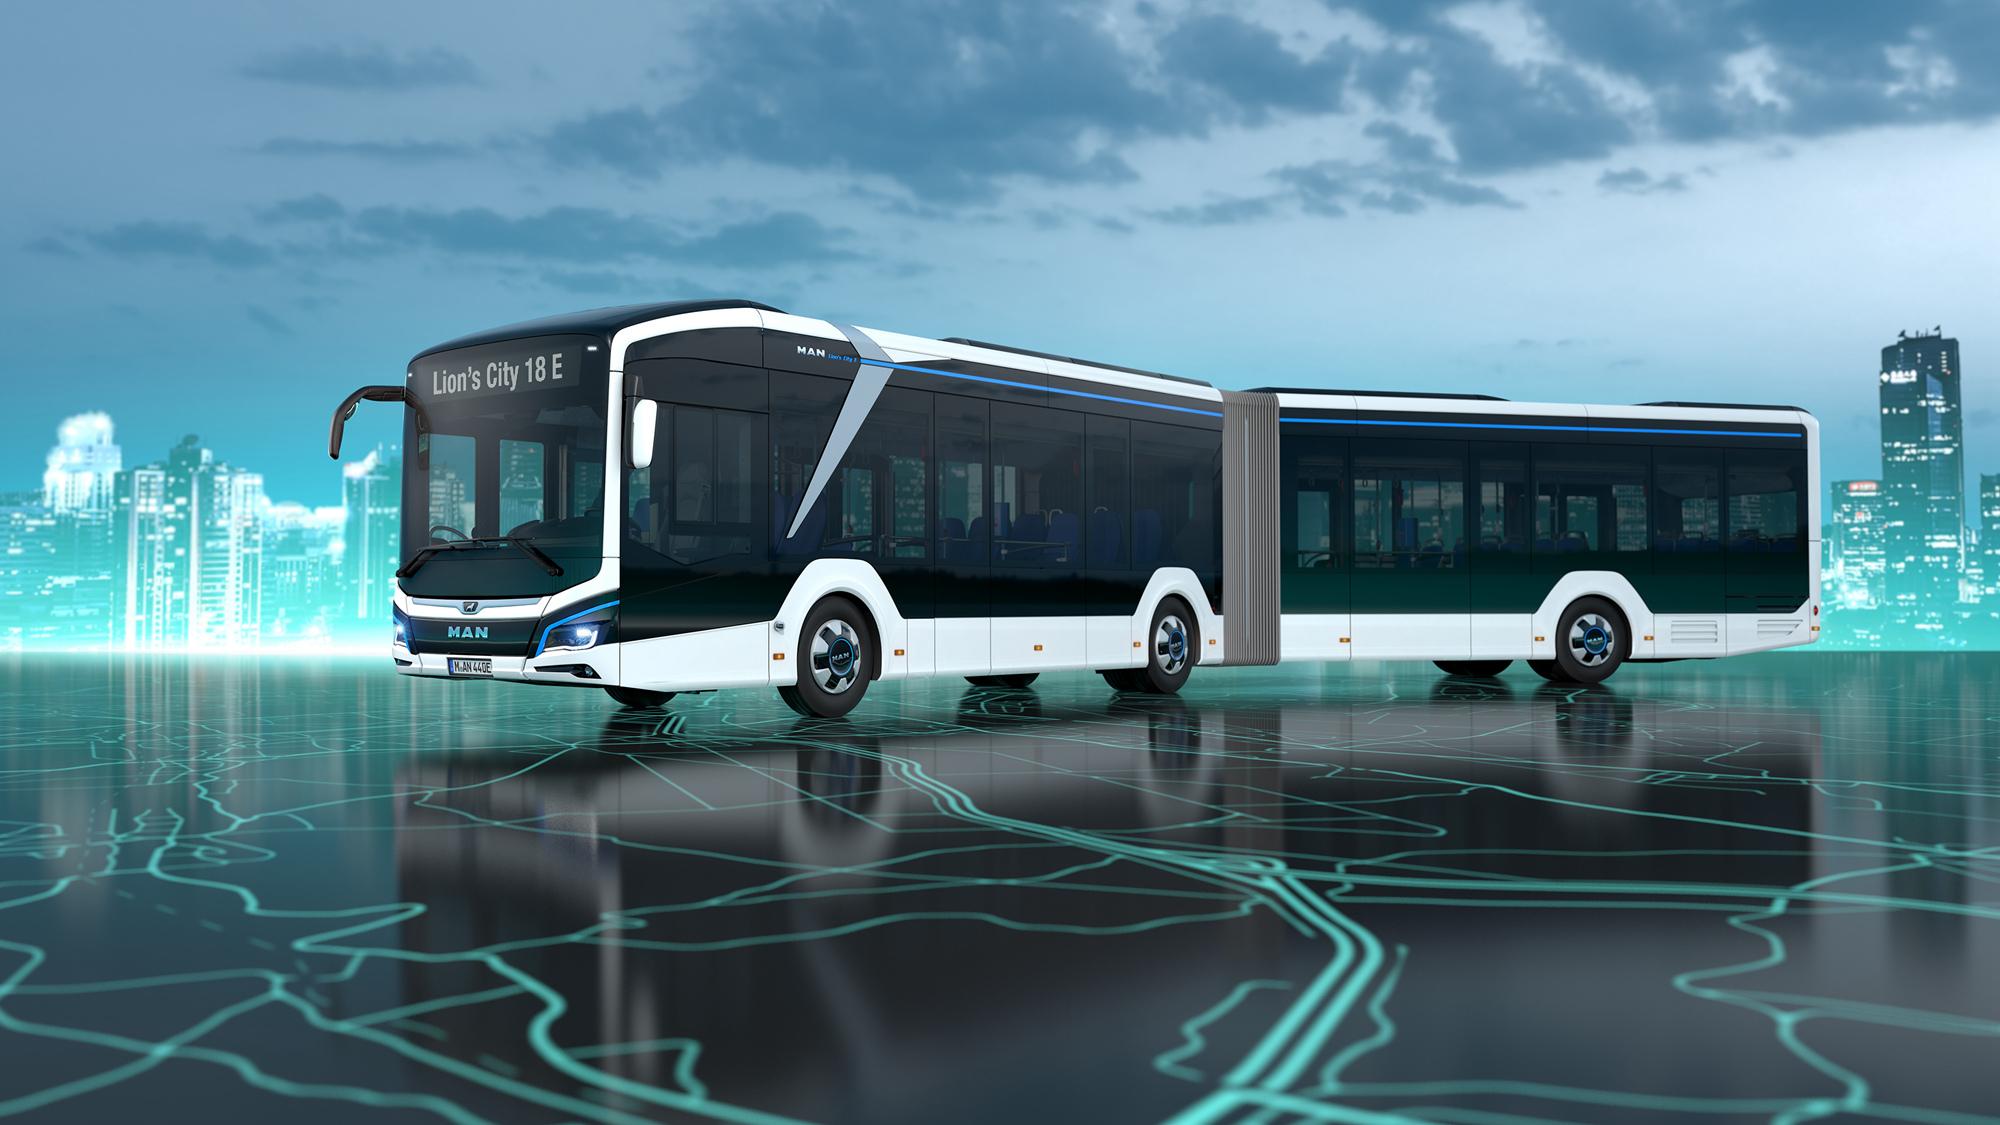 曼恩Lion's City 18E巴士即将进行实测并投入运营